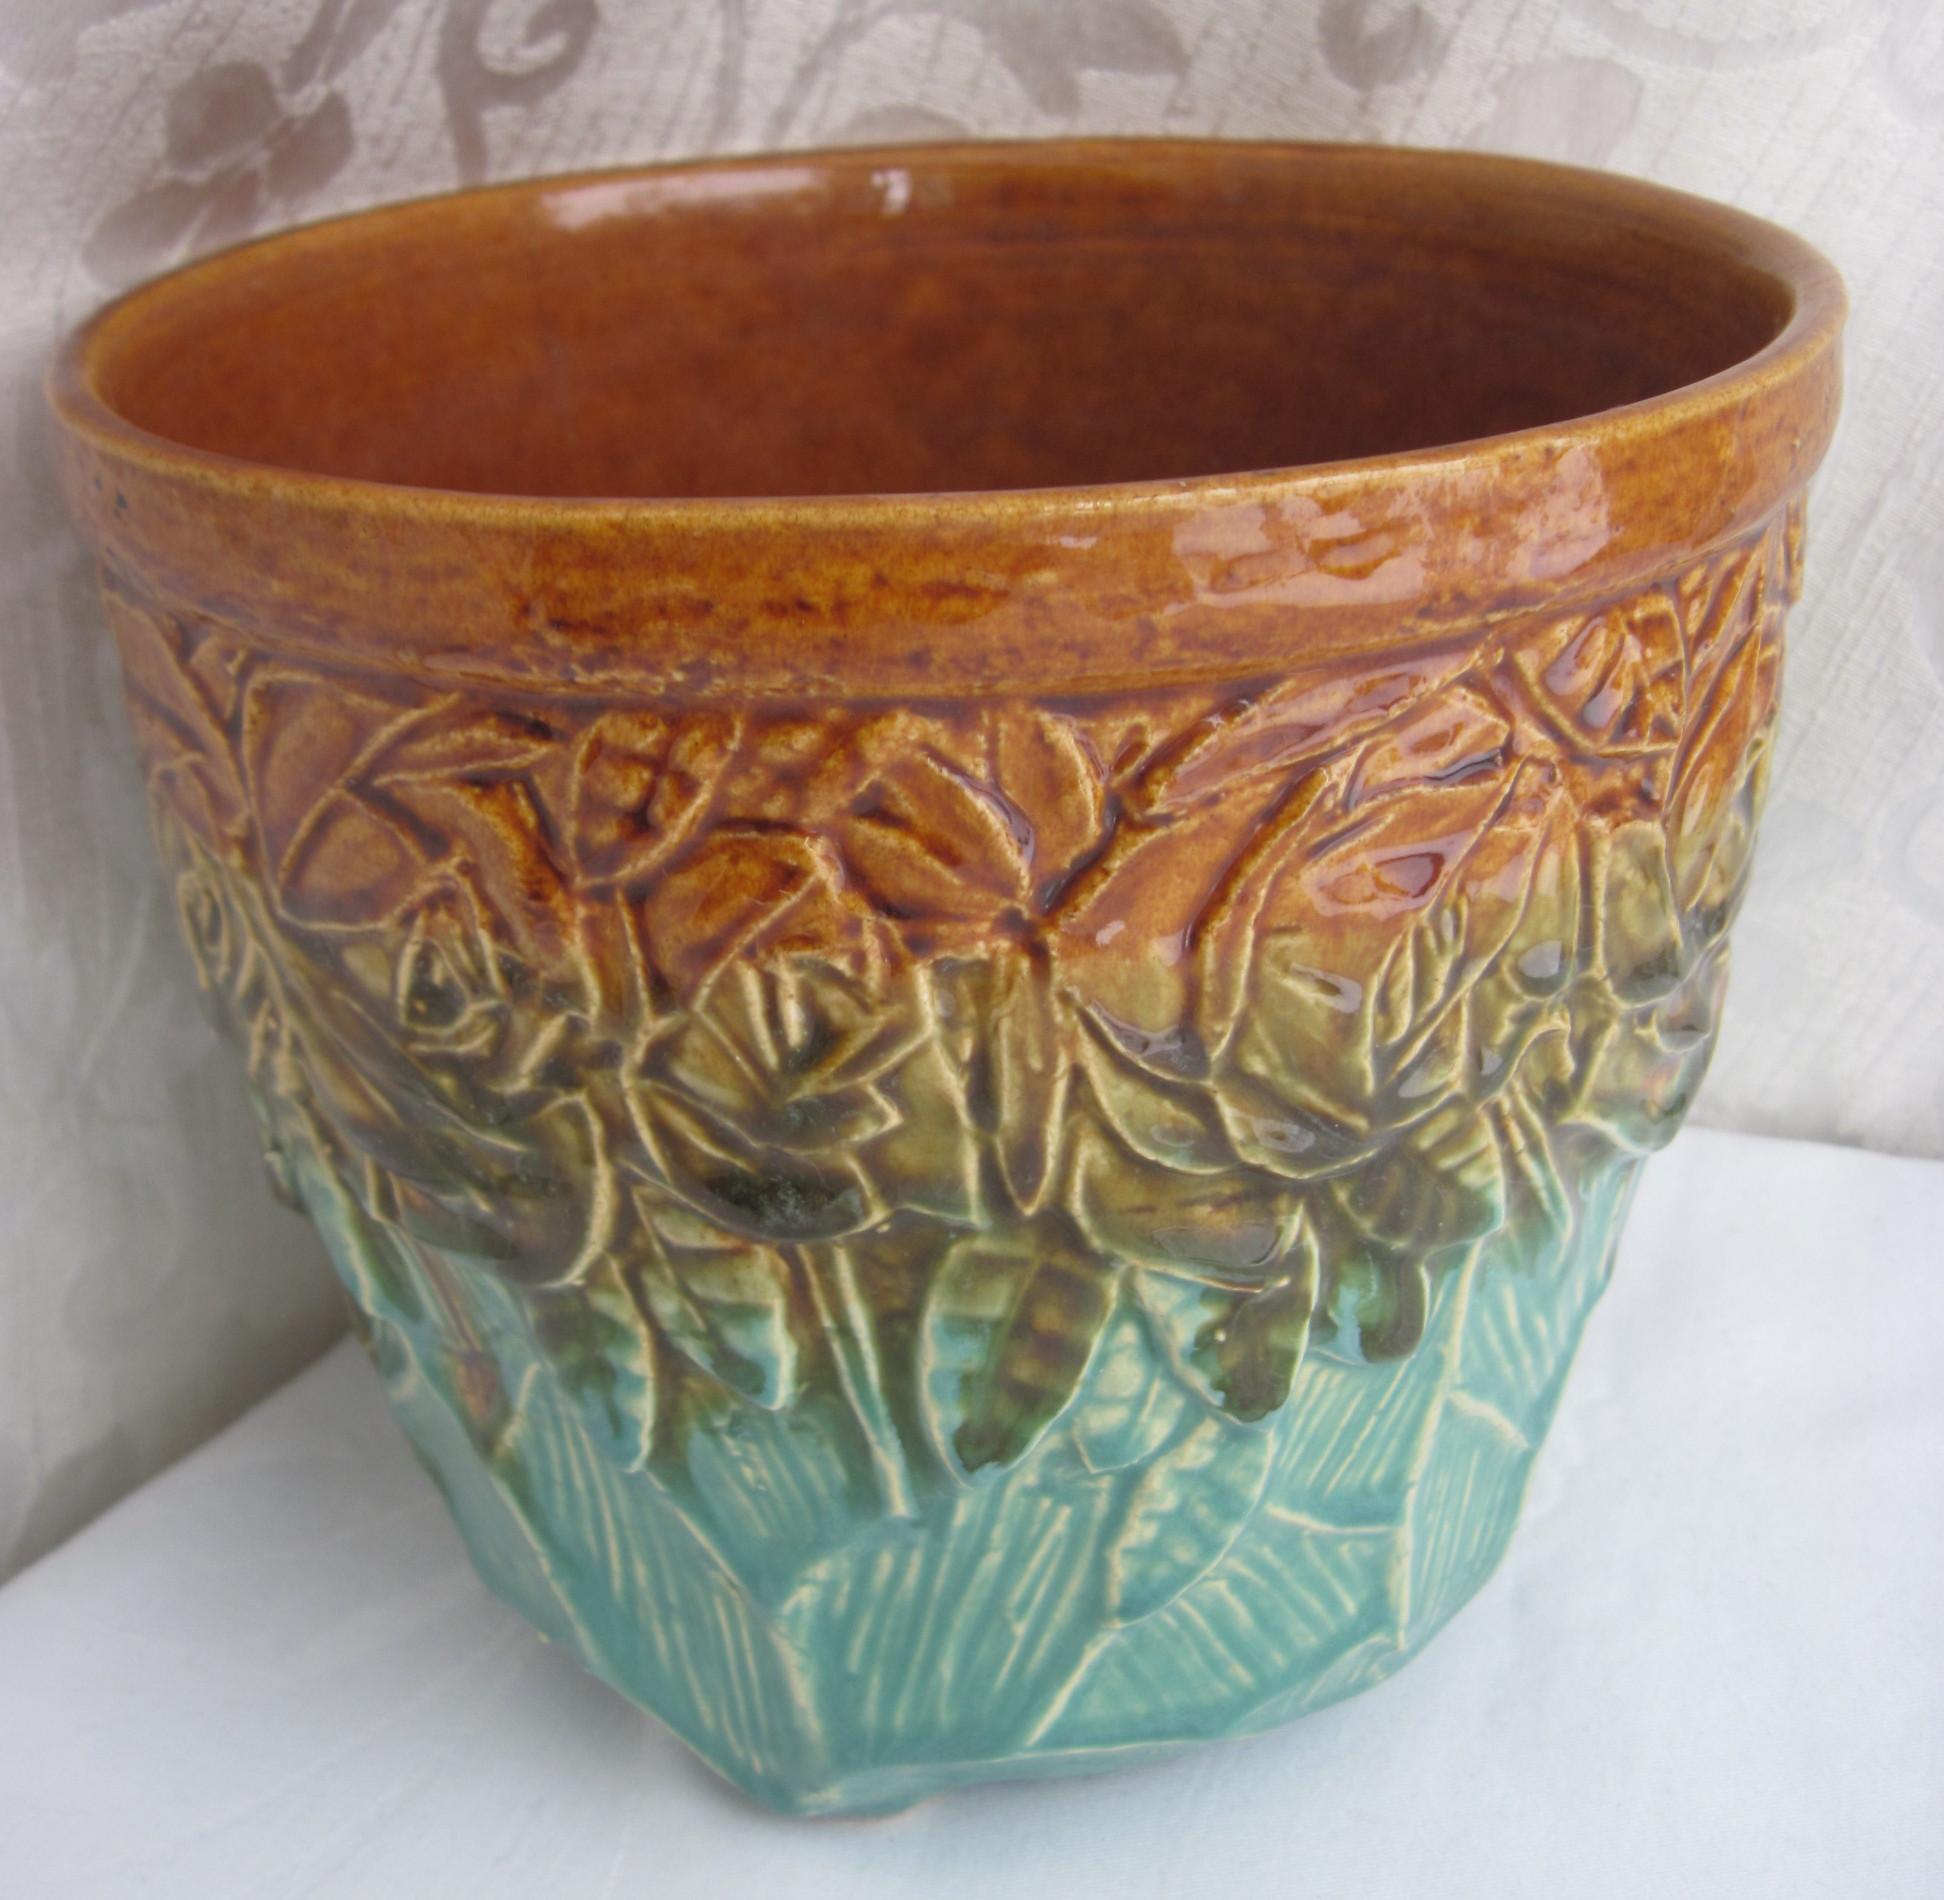 mccoy jardiniere or flower pot   fabfindsblog